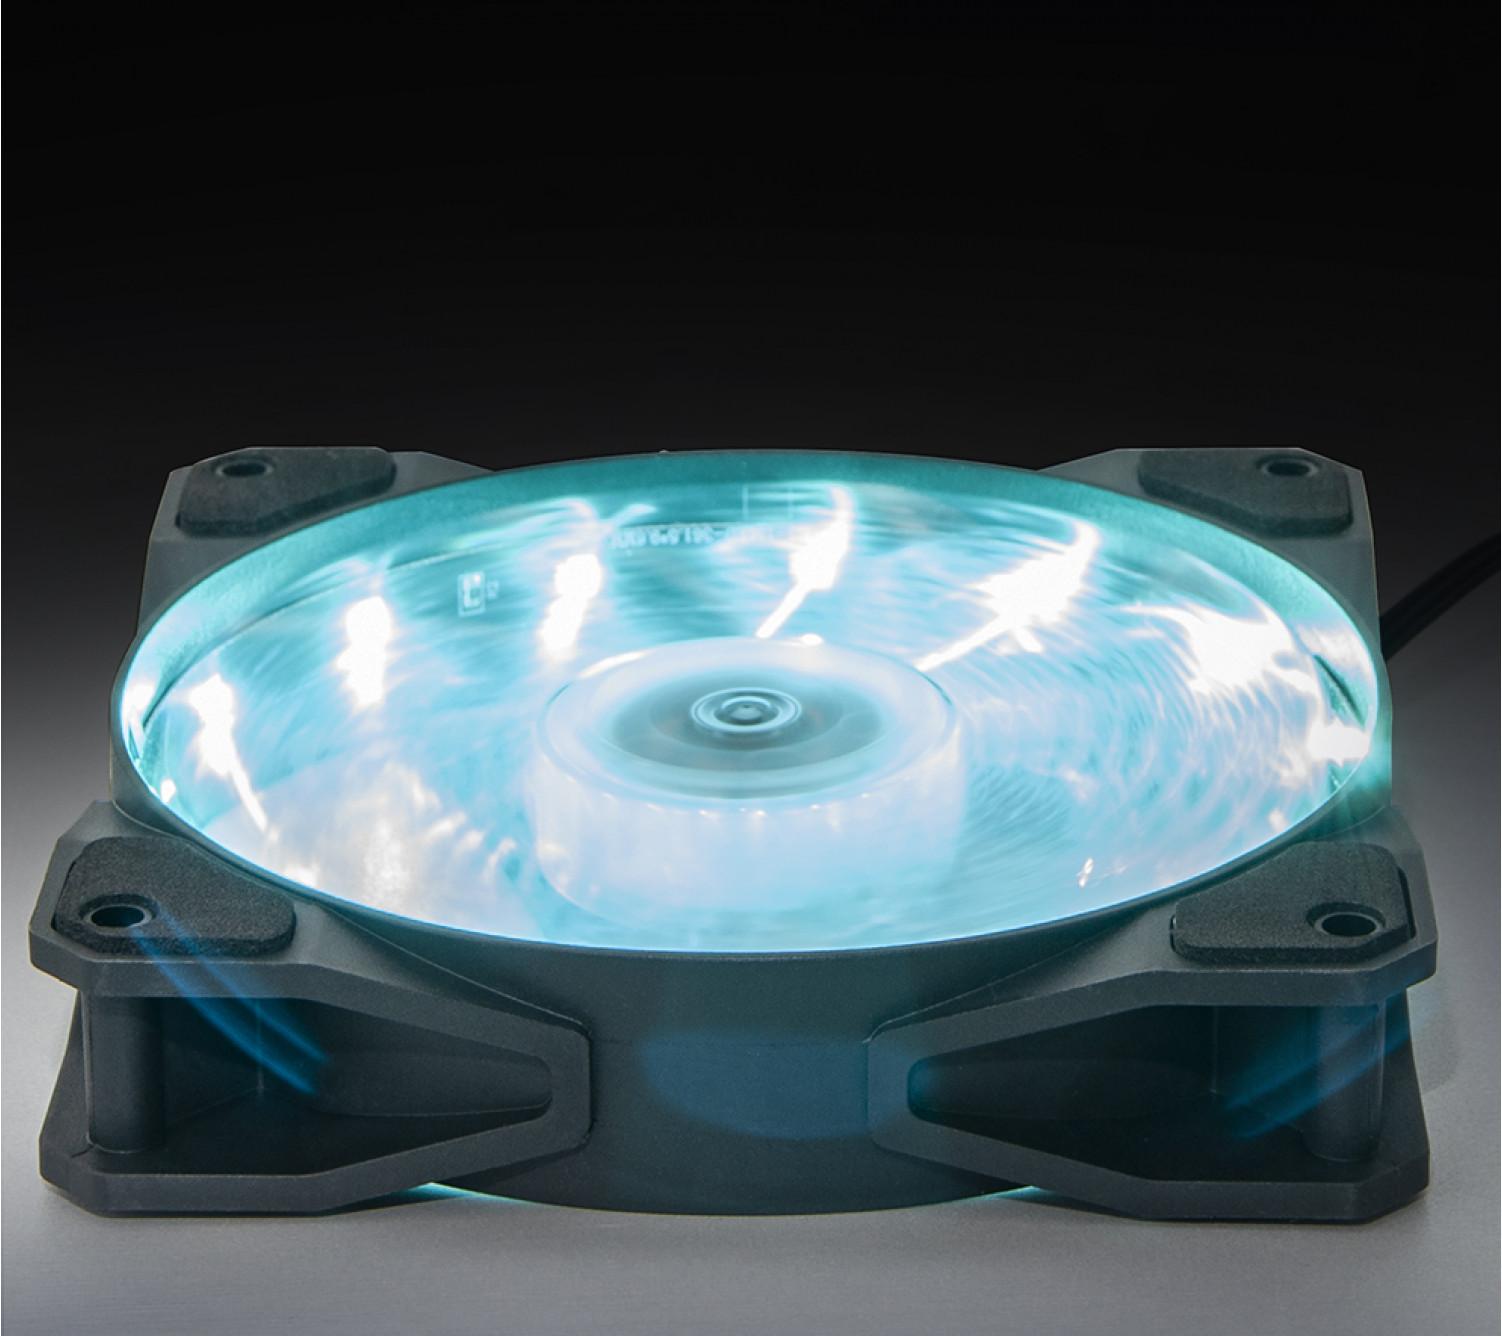 Вентилятор Frime Iris LED Fan 15LED Azure